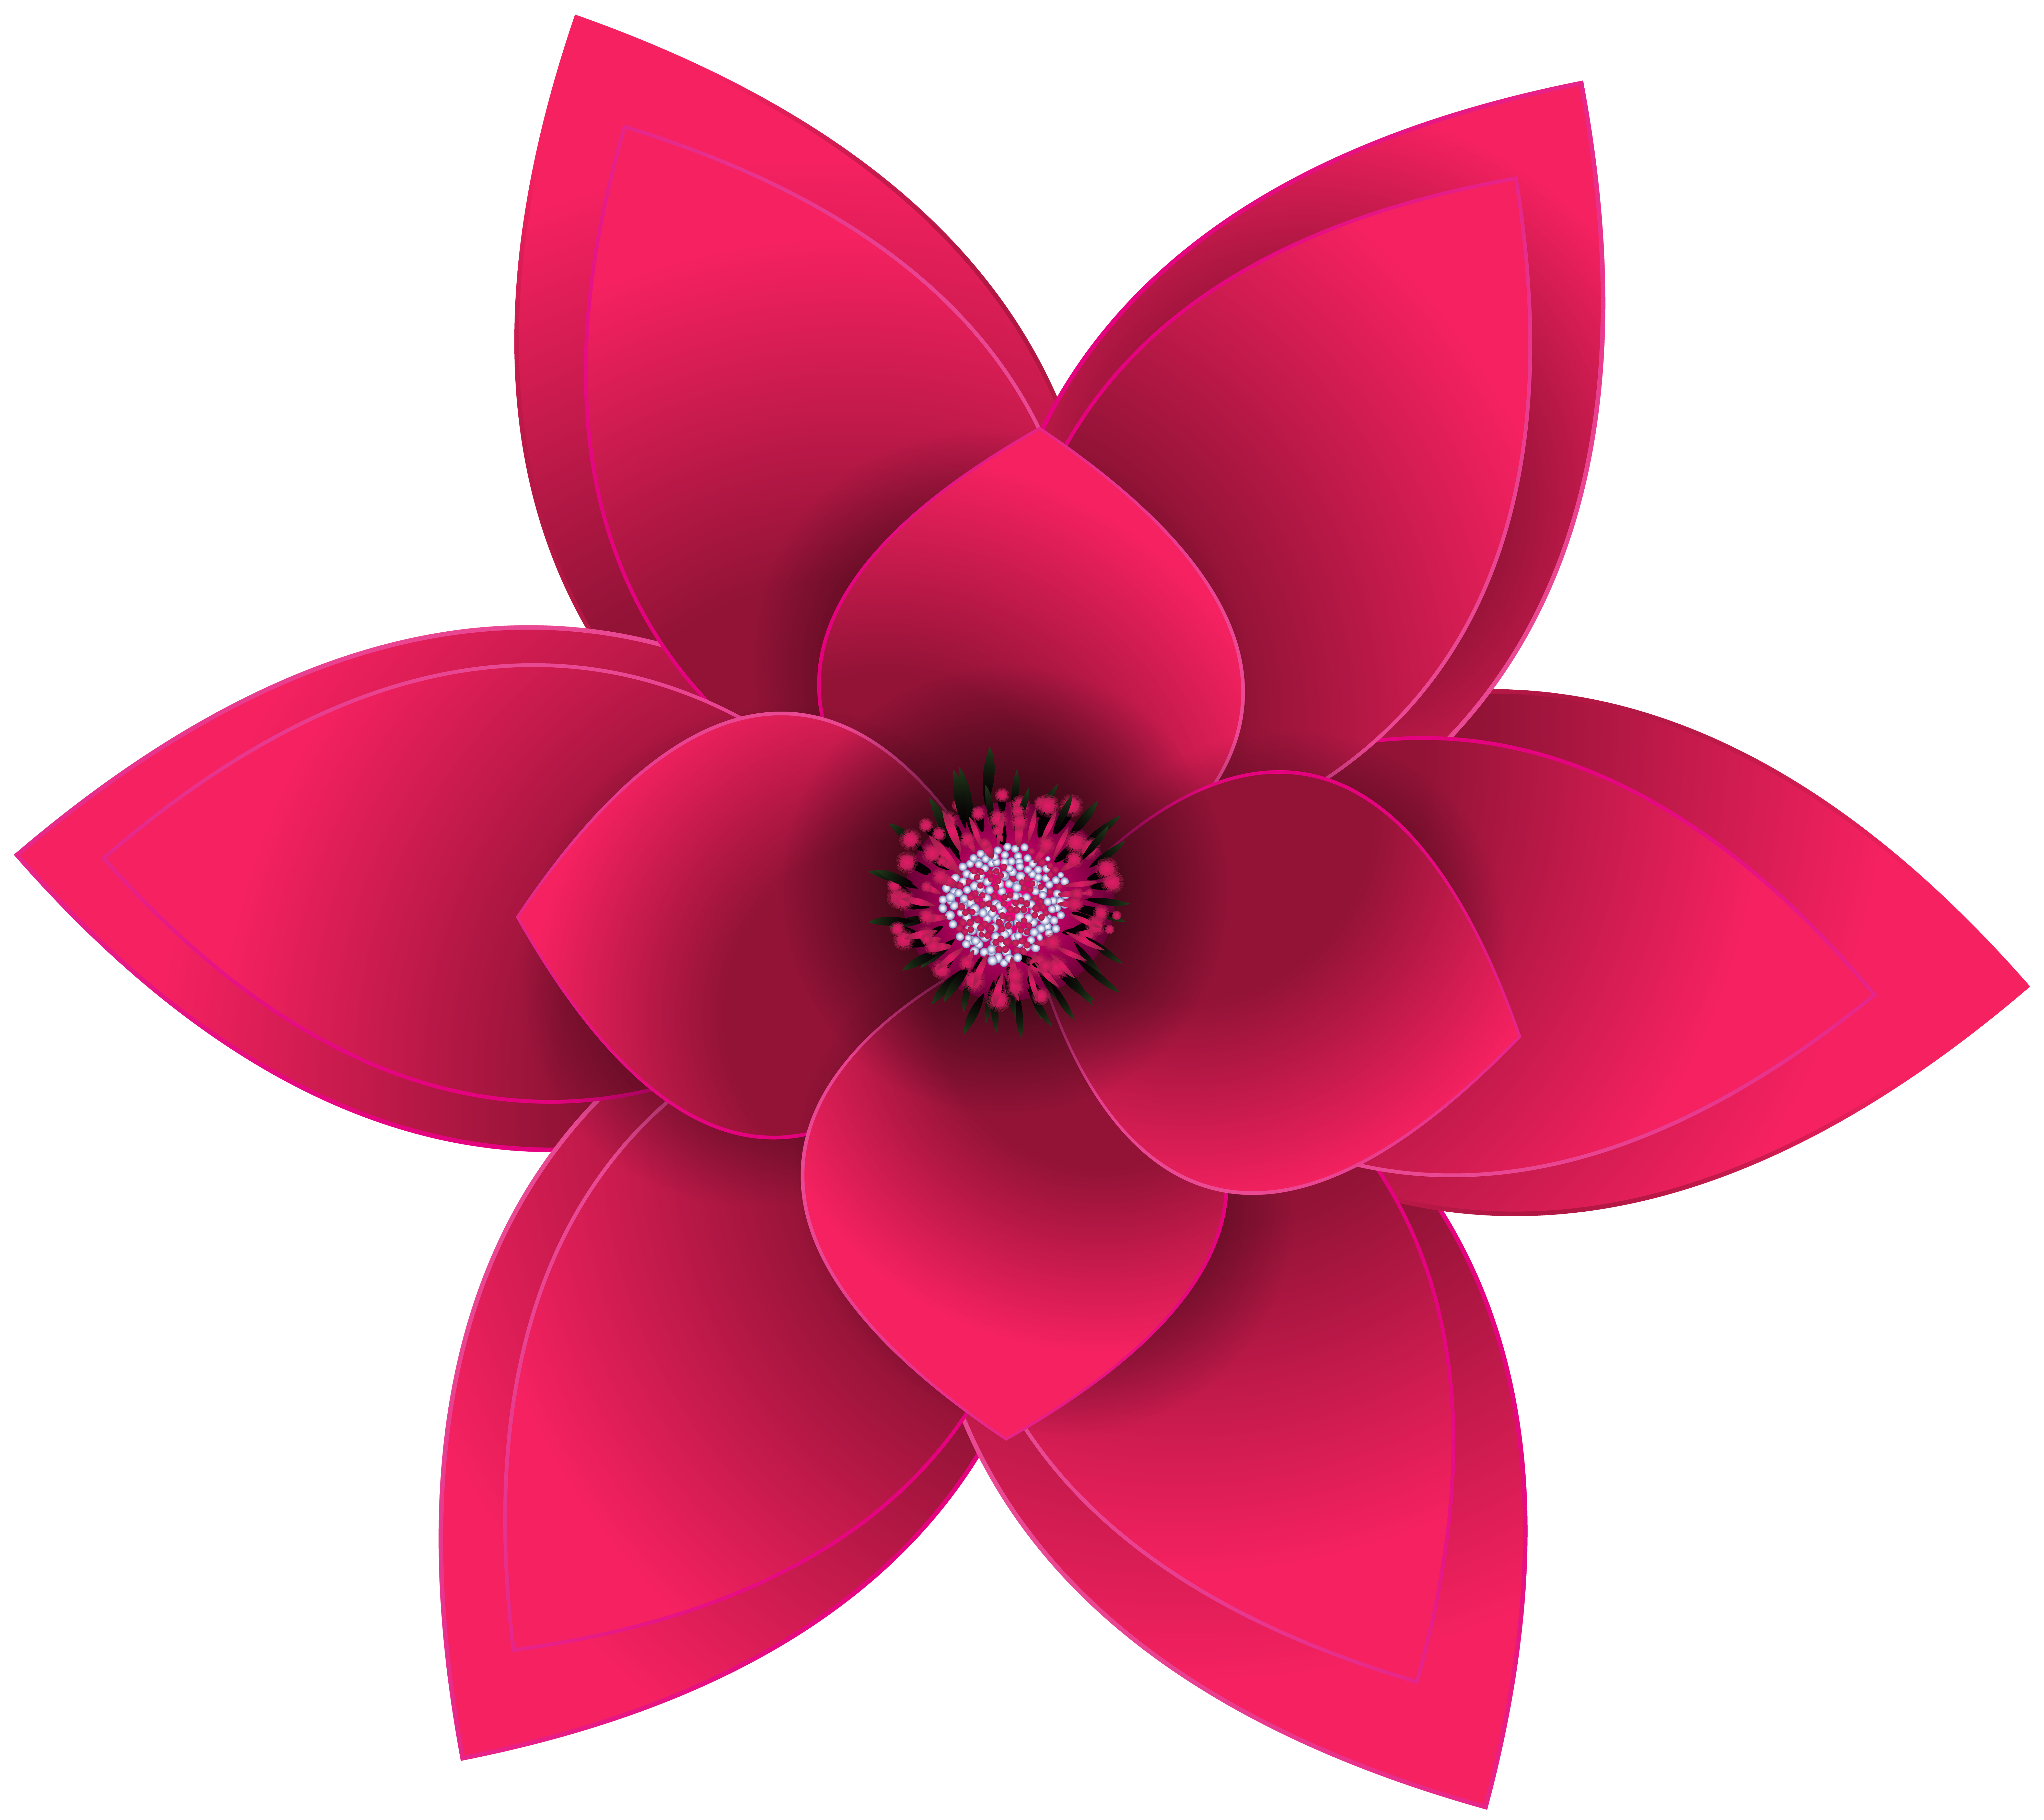 Decorative Flower Transparent Clip Art Image.